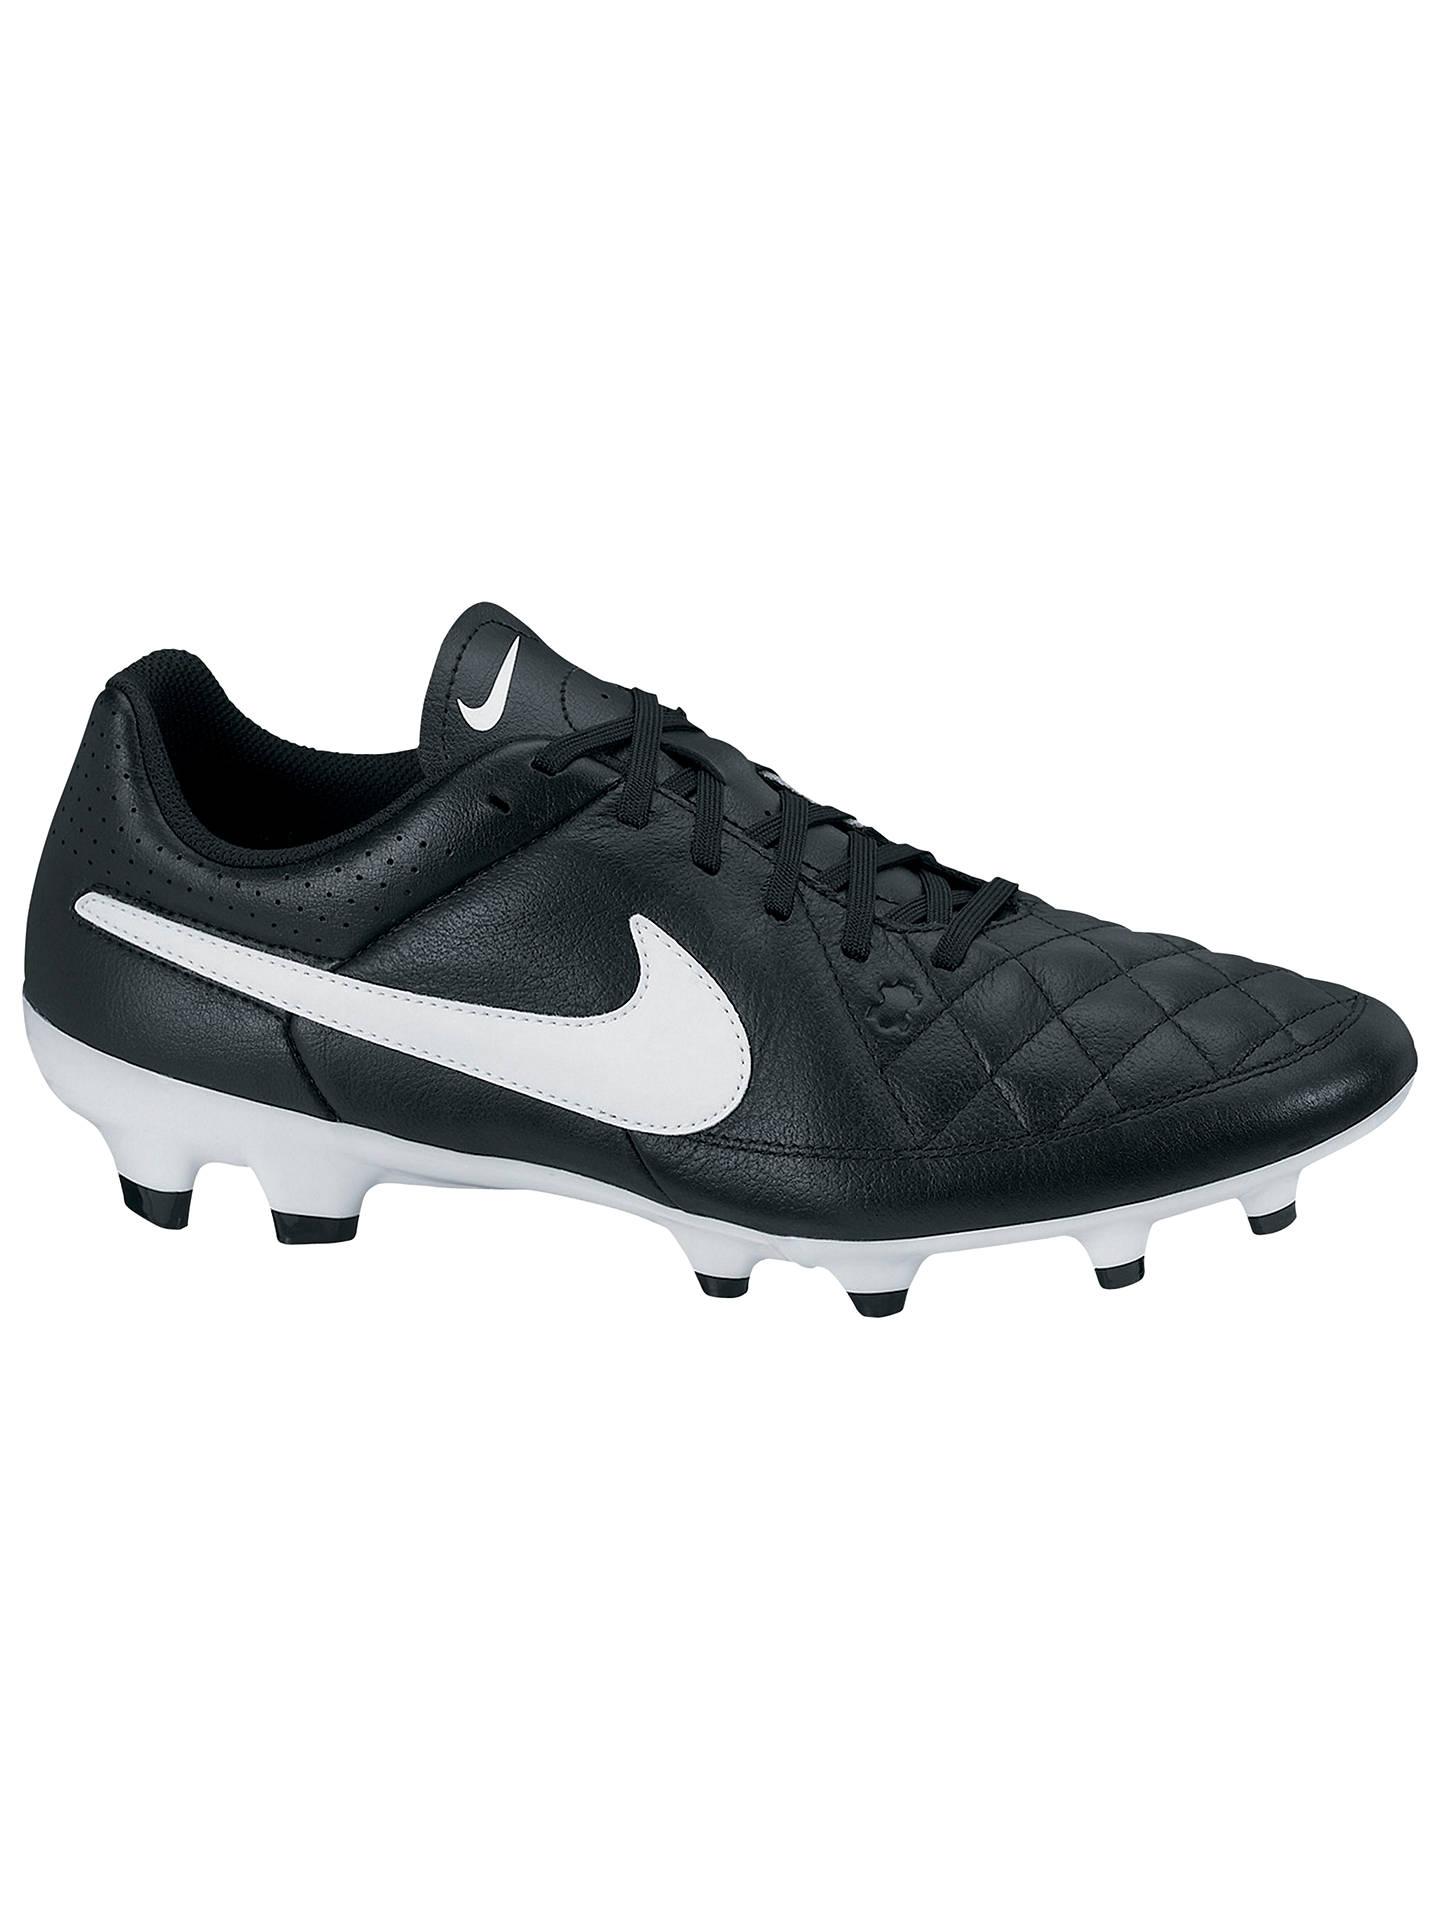 watch d4ed1 5e8f3 Nike Tiempo Genio Leather Men's FG Football Boots, Black ...